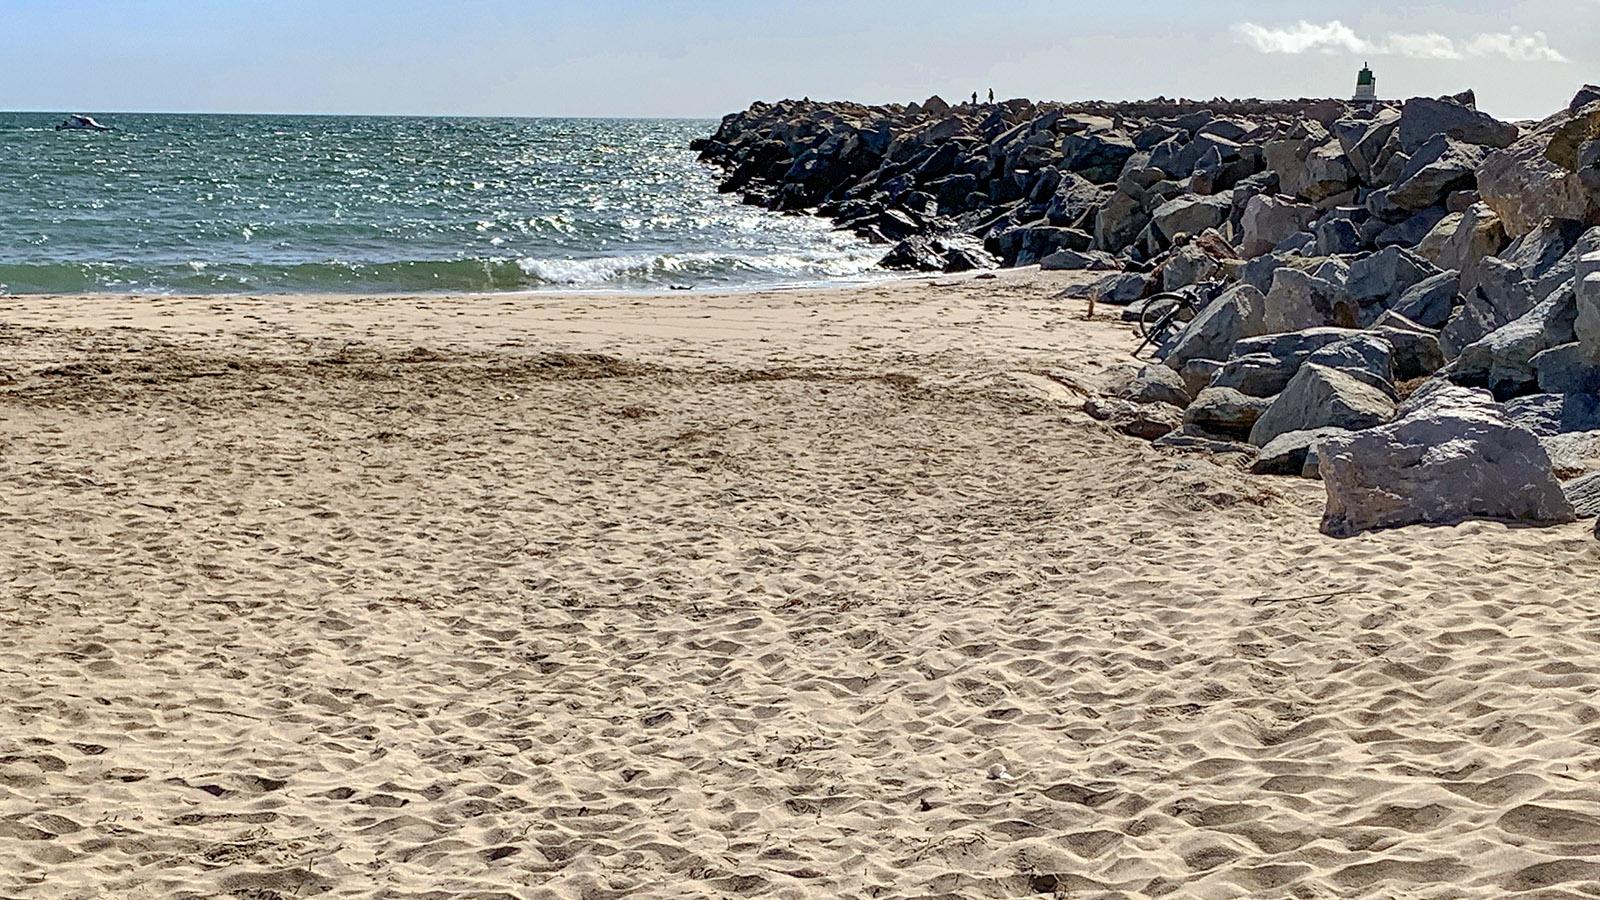 Costa Brava: Auch solche einsamen Stellen finden sich dort. Foto: Hilke Maunder